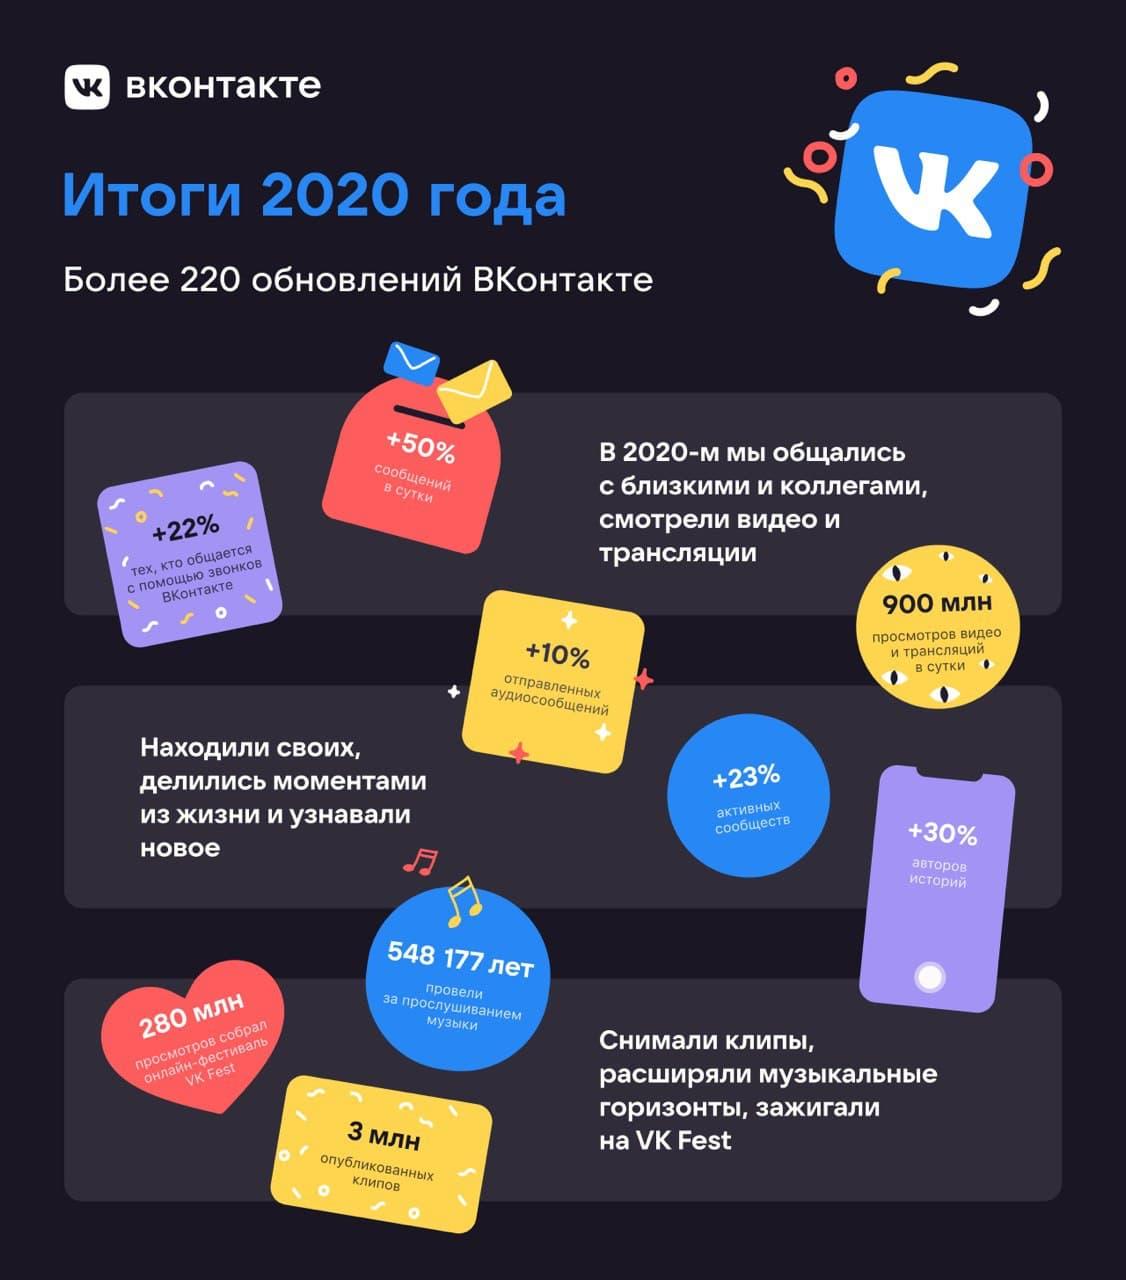 В 2020 г. «ВКонтакте» представила 220 крупных обновлений.